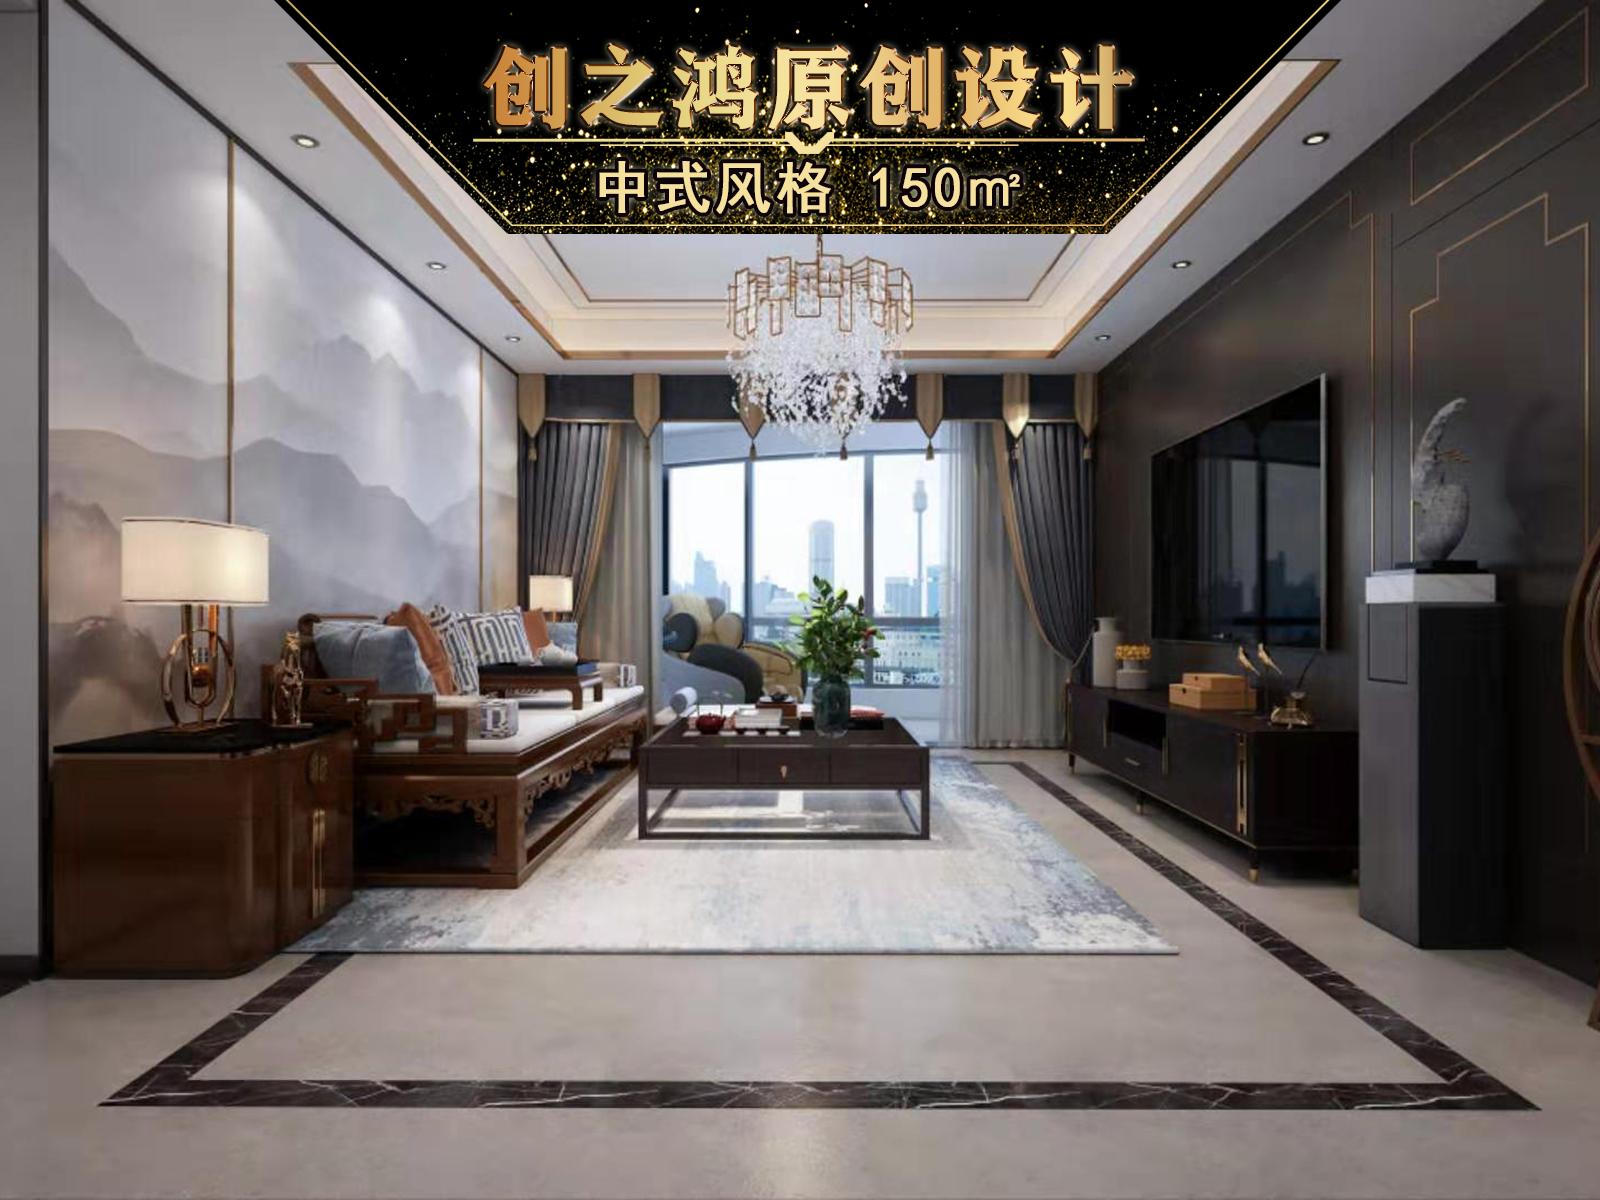 150㎡金领国际三室两厅中式轻奢实景效果图